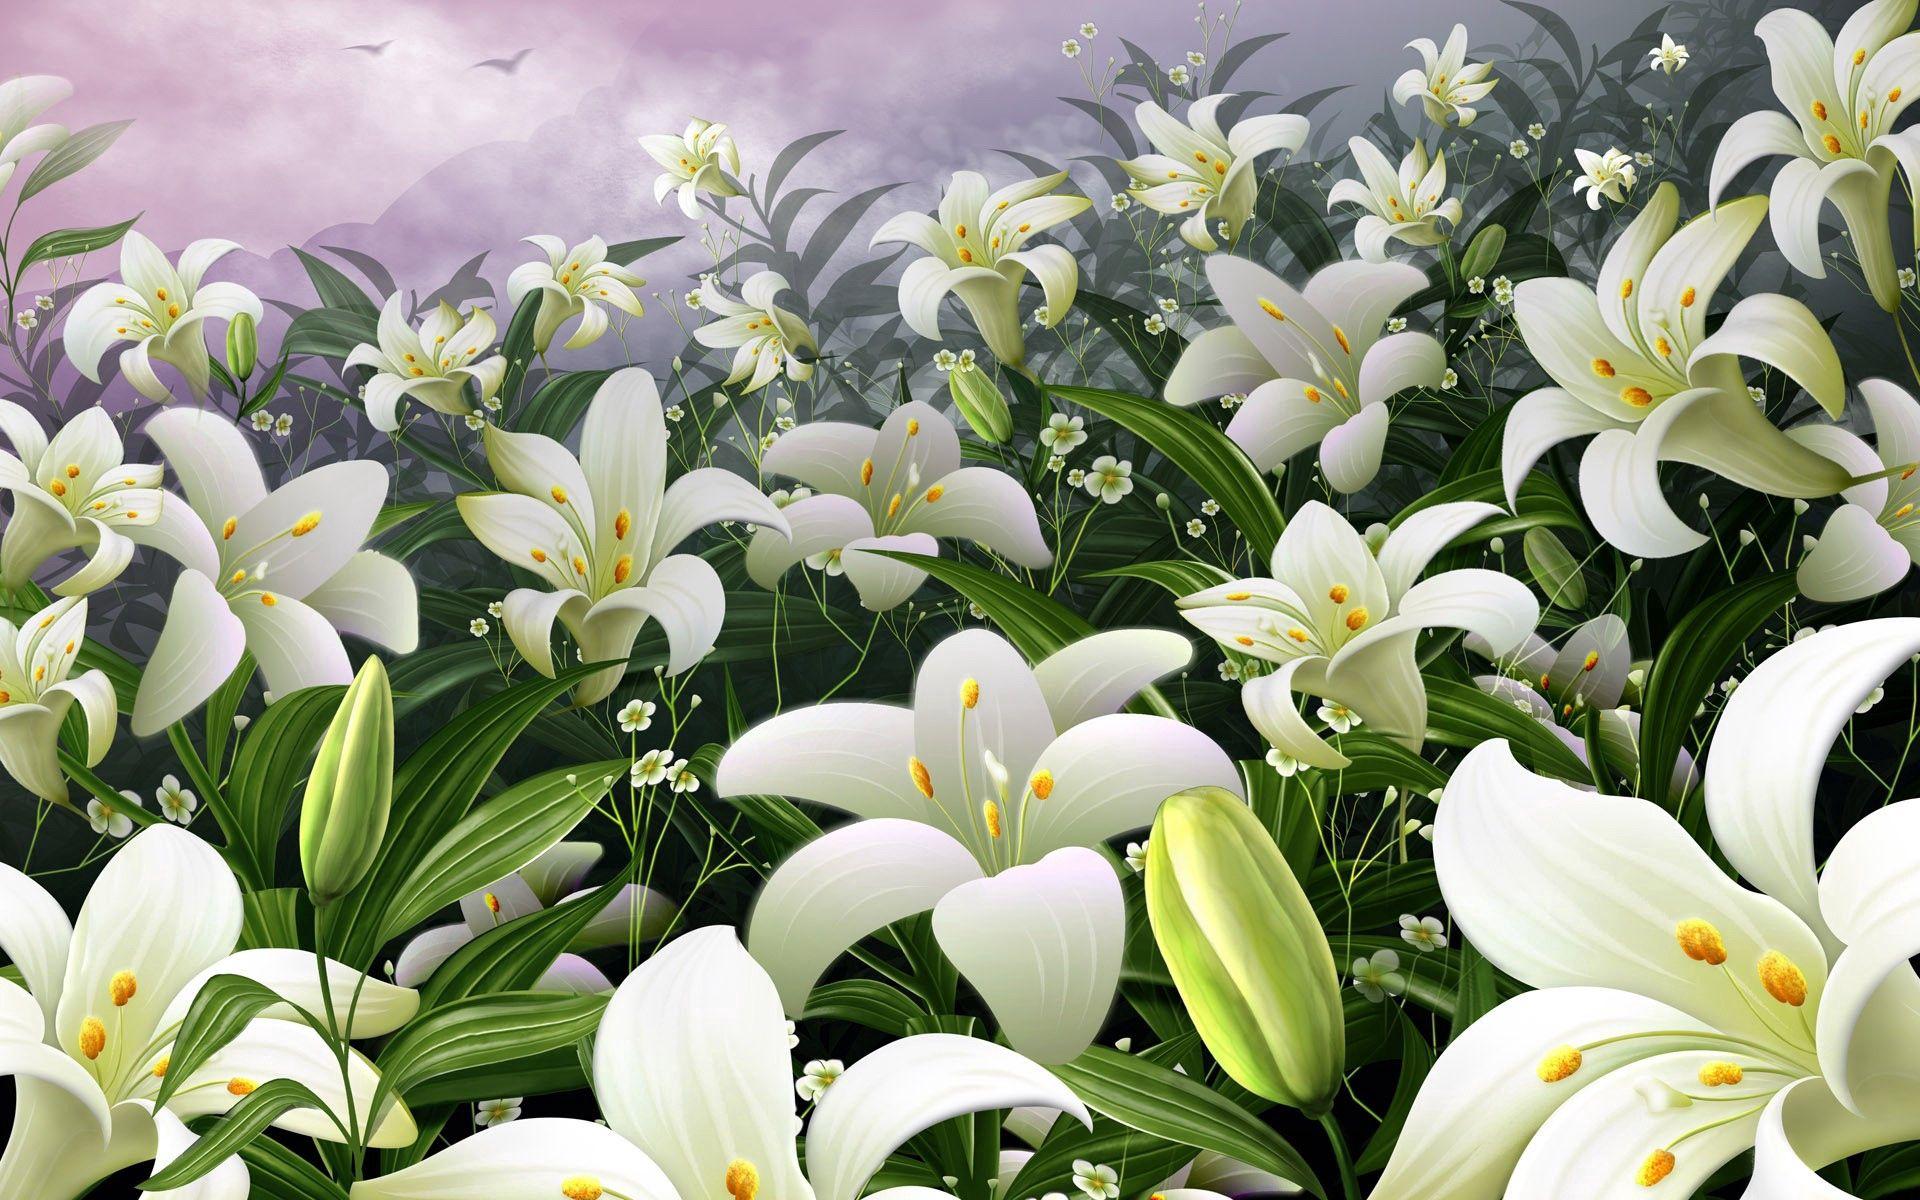 102794 télécharger le fond d'écran Fleurs, Lilies, Polyana, Clairière, Bourgeon, Étamines, Sky - économiseurs d'écran et images gratuitement